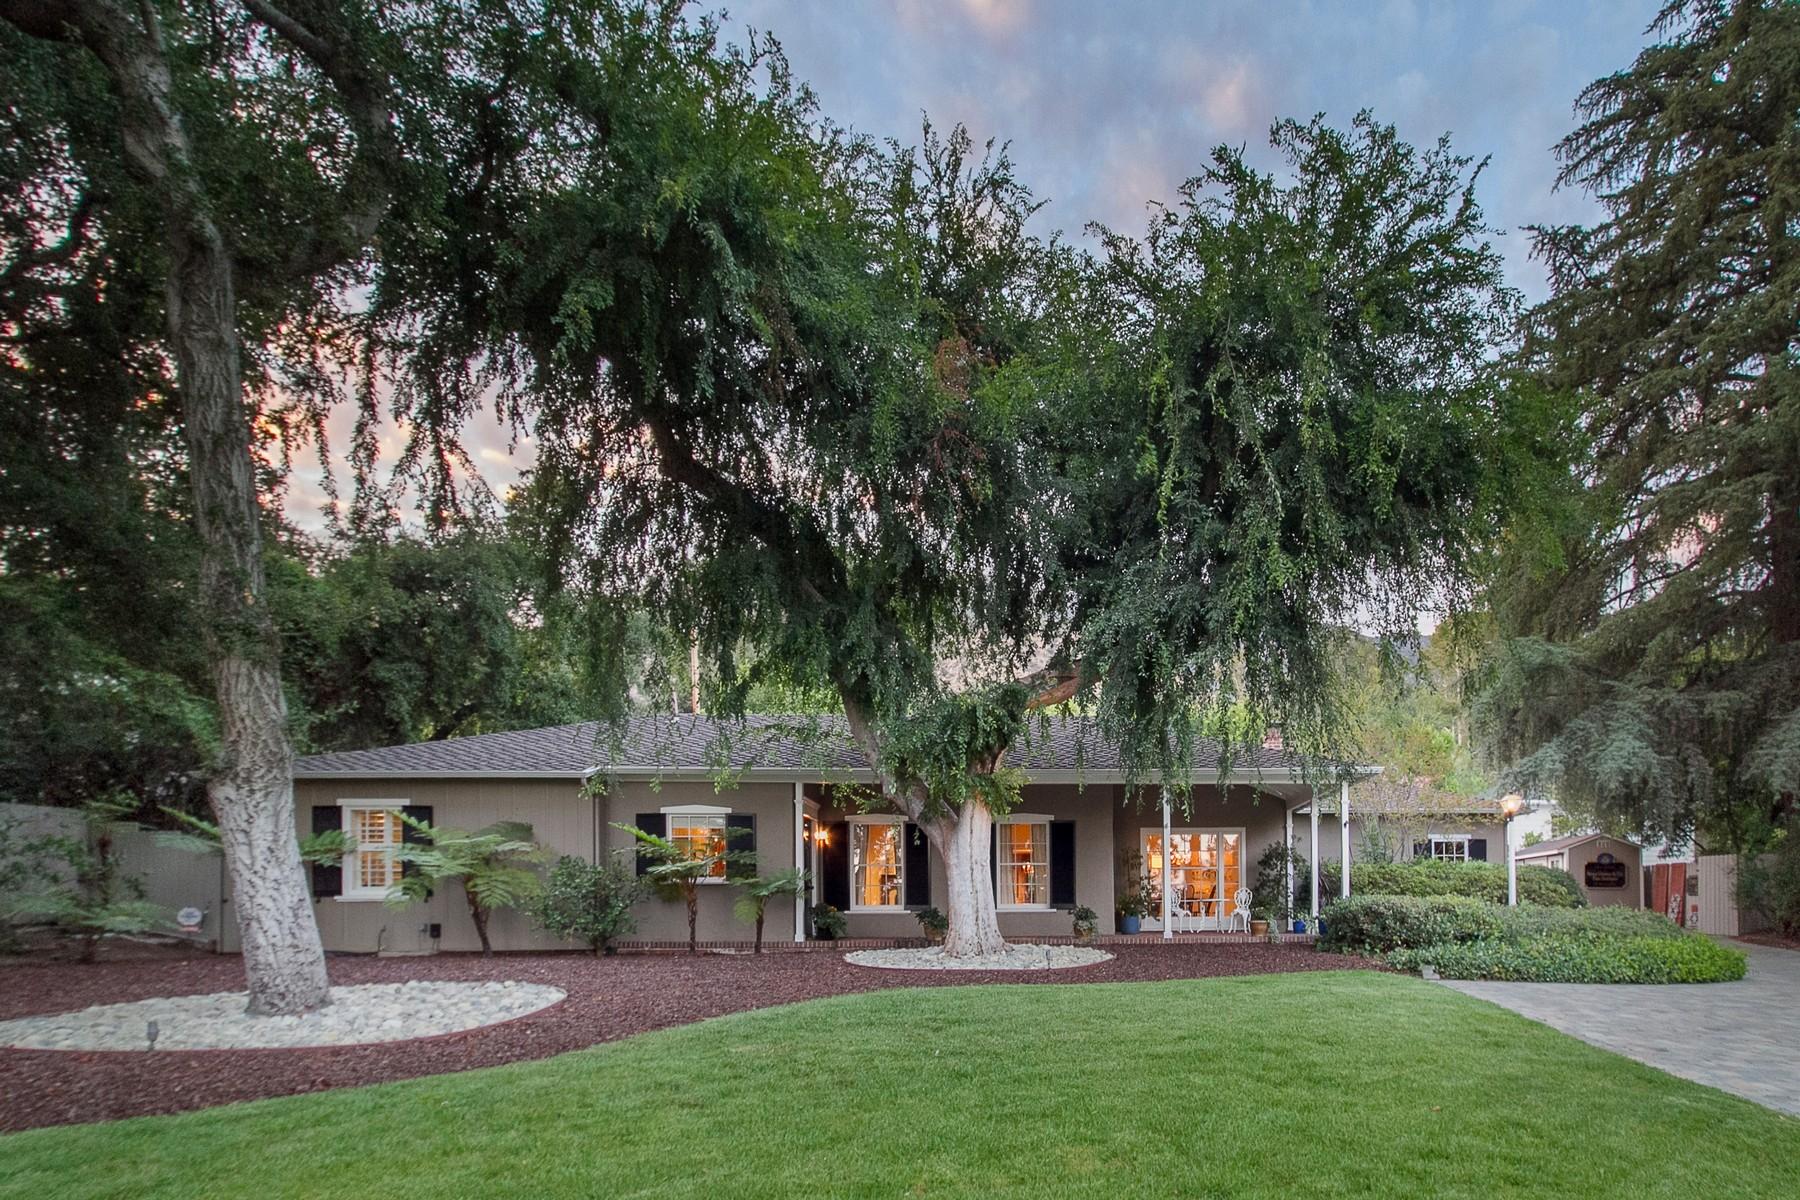 Maison unifamiliale pour l Vente à 2085 East Altadena 2085 East Altadena Drive Altadena, Californie 91001 États-Unis